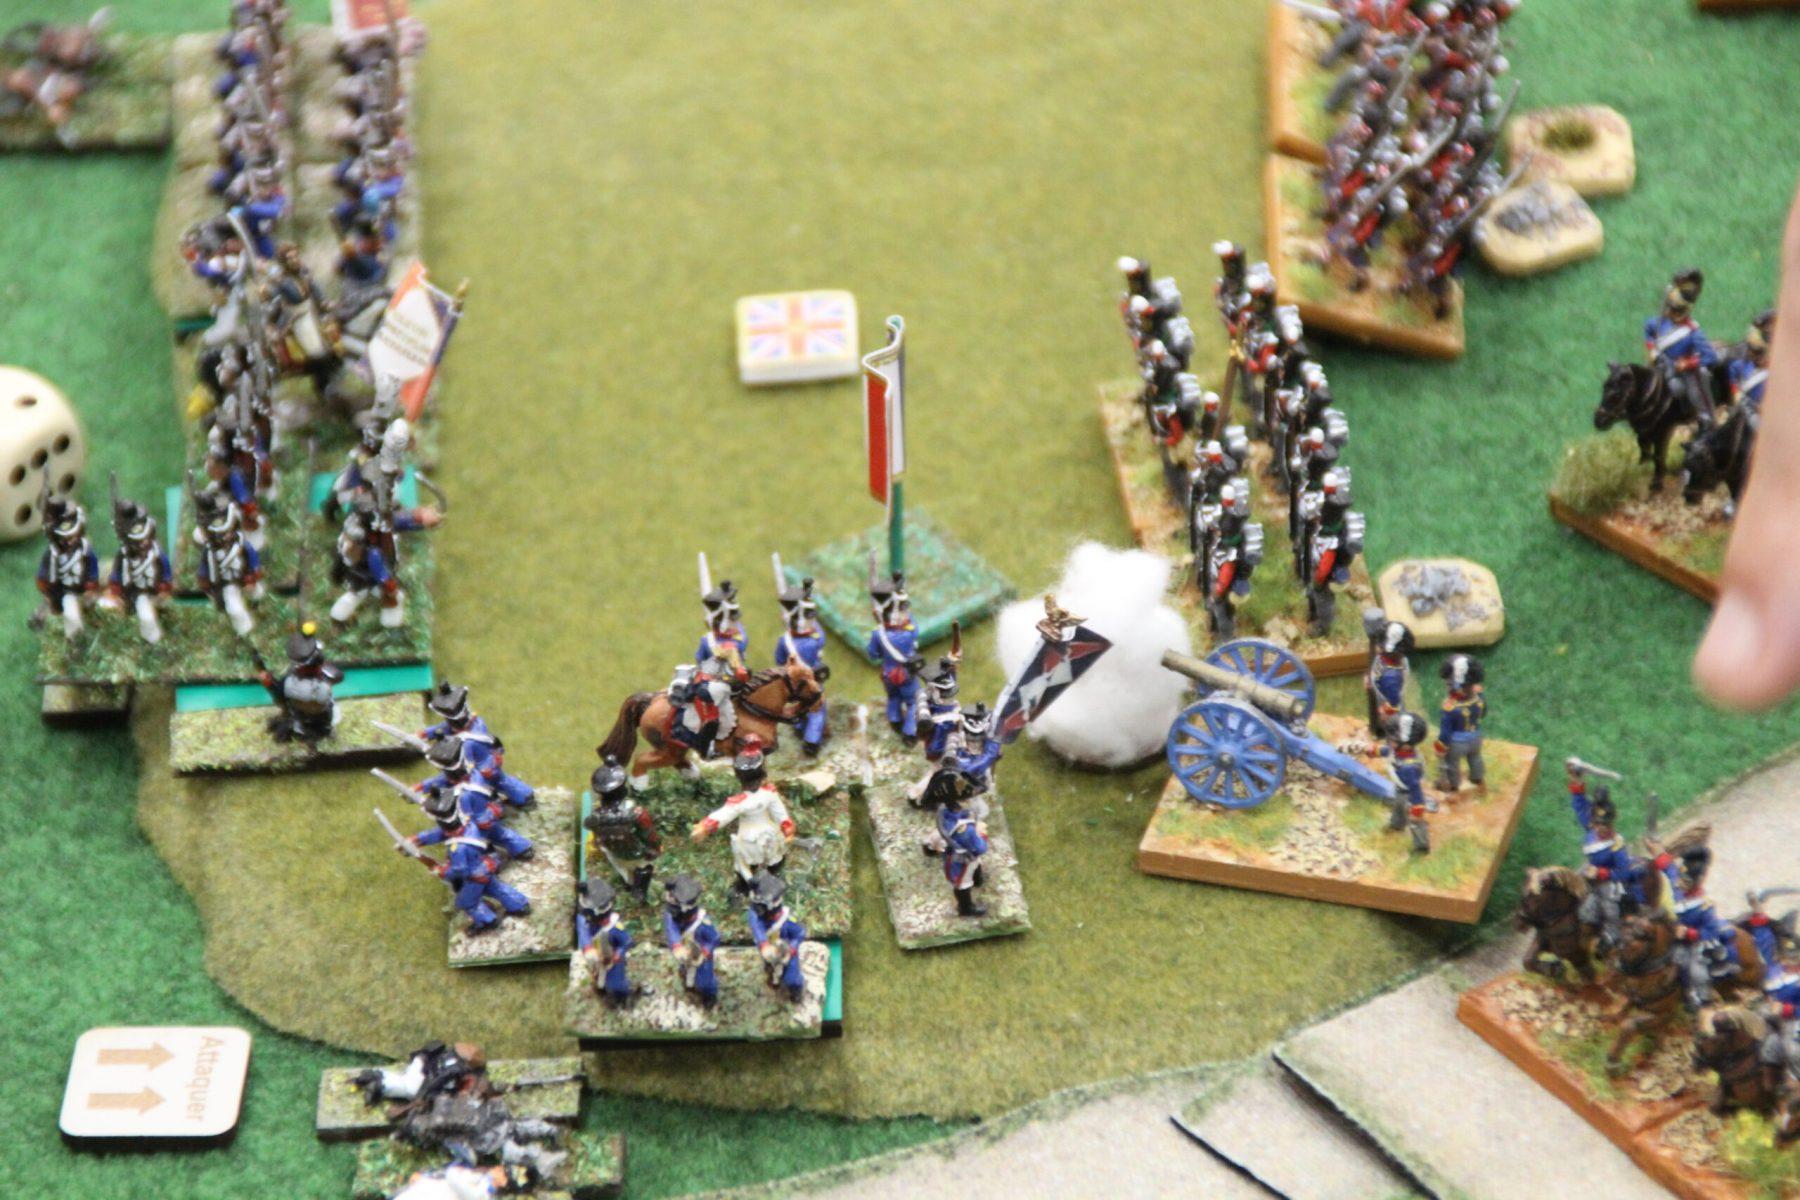 La bataille fait rage et la colline semble disputée...